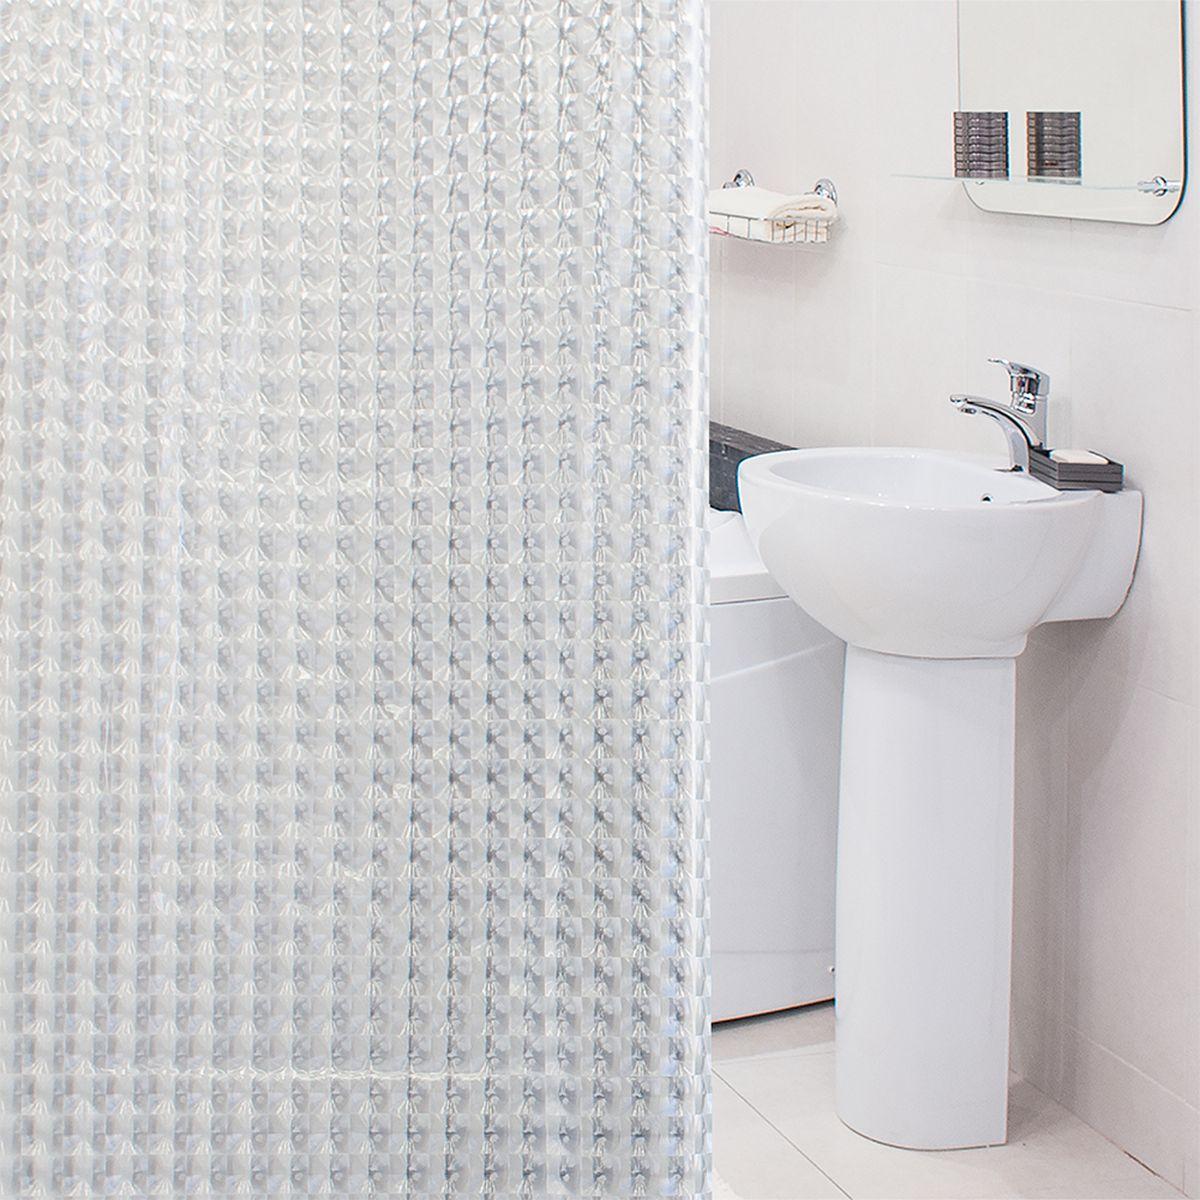 Штора для ванной комнаты 3D Tatkraft Crystal, с кольцами, 180 х 180 см391602Штора для ванной комнаты 3D Tatkraft Crystal выполнена из высококачественного материала ПЕВА (полиэтиленвинилацетат) с водоотталкивающим и антигрибковым покрытием. Изделие хорошо пропускает свет и быстро высыхает. В комплекте прилагаются овальные пластиковые кольца.Такая штора прекрасно впишется в любой интерьер ванной комнаты и идеально защитит от брызг. Количество колец: 12 шт.